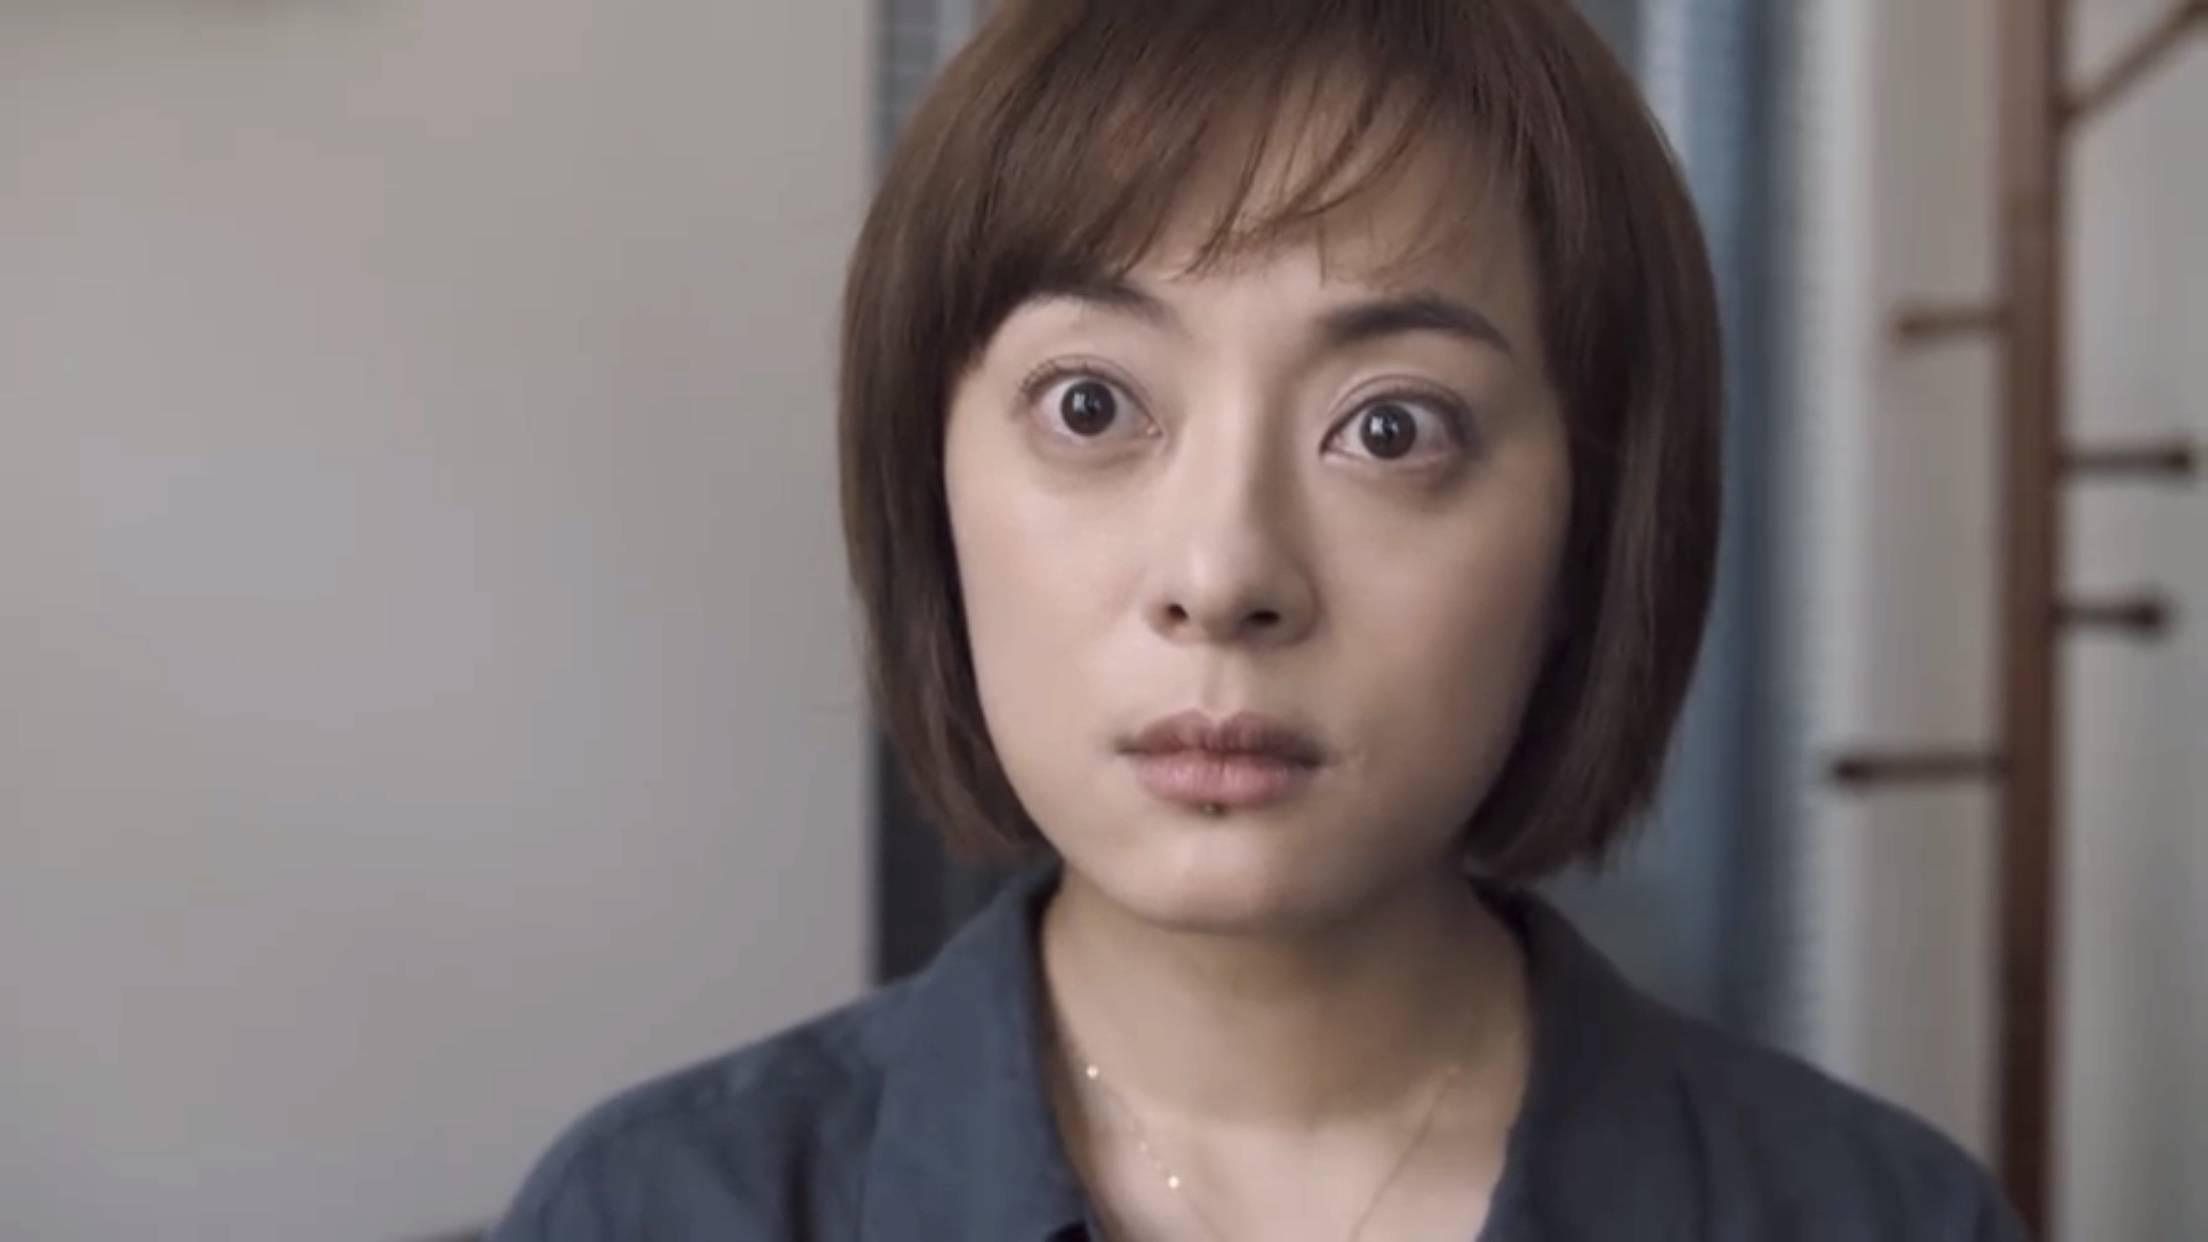 《理想之城》收视惨淡 孙俪的演技到底有没有被高估?